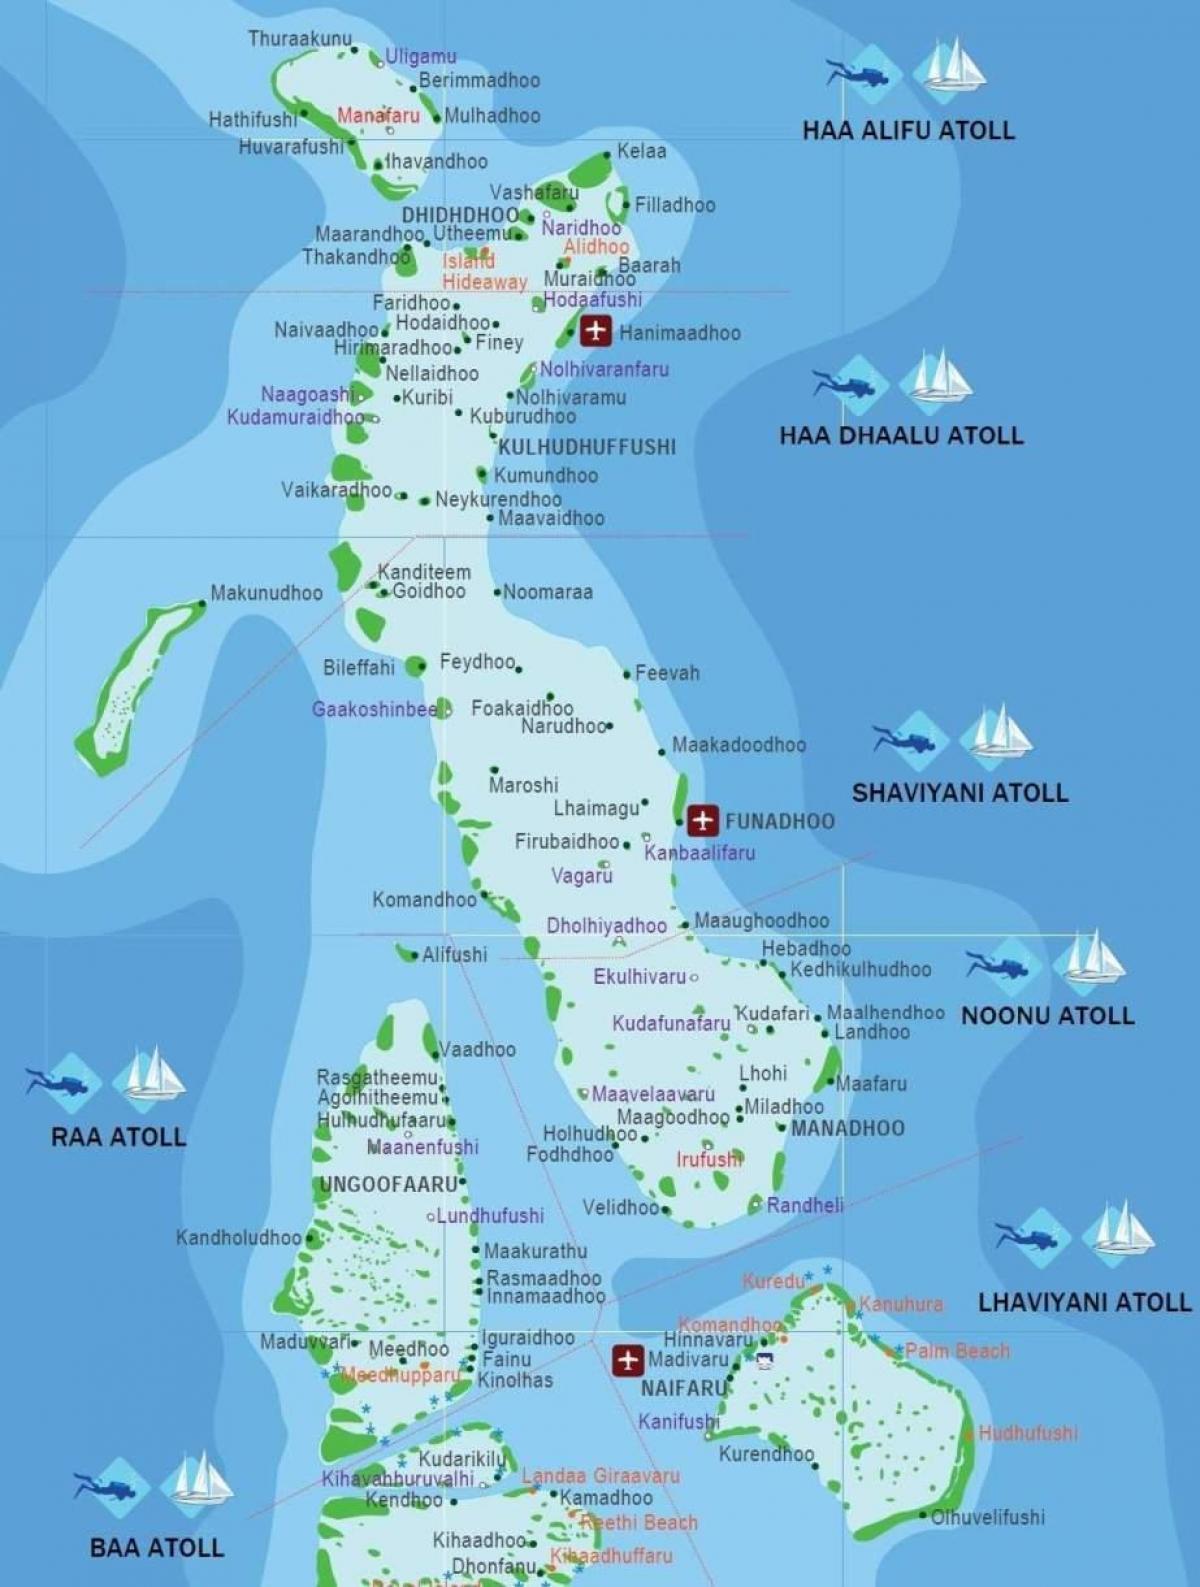 شاطئ جزر المالديف خريطة خريطة شاطئ جزر المالديف جنوب آسيا آسيا